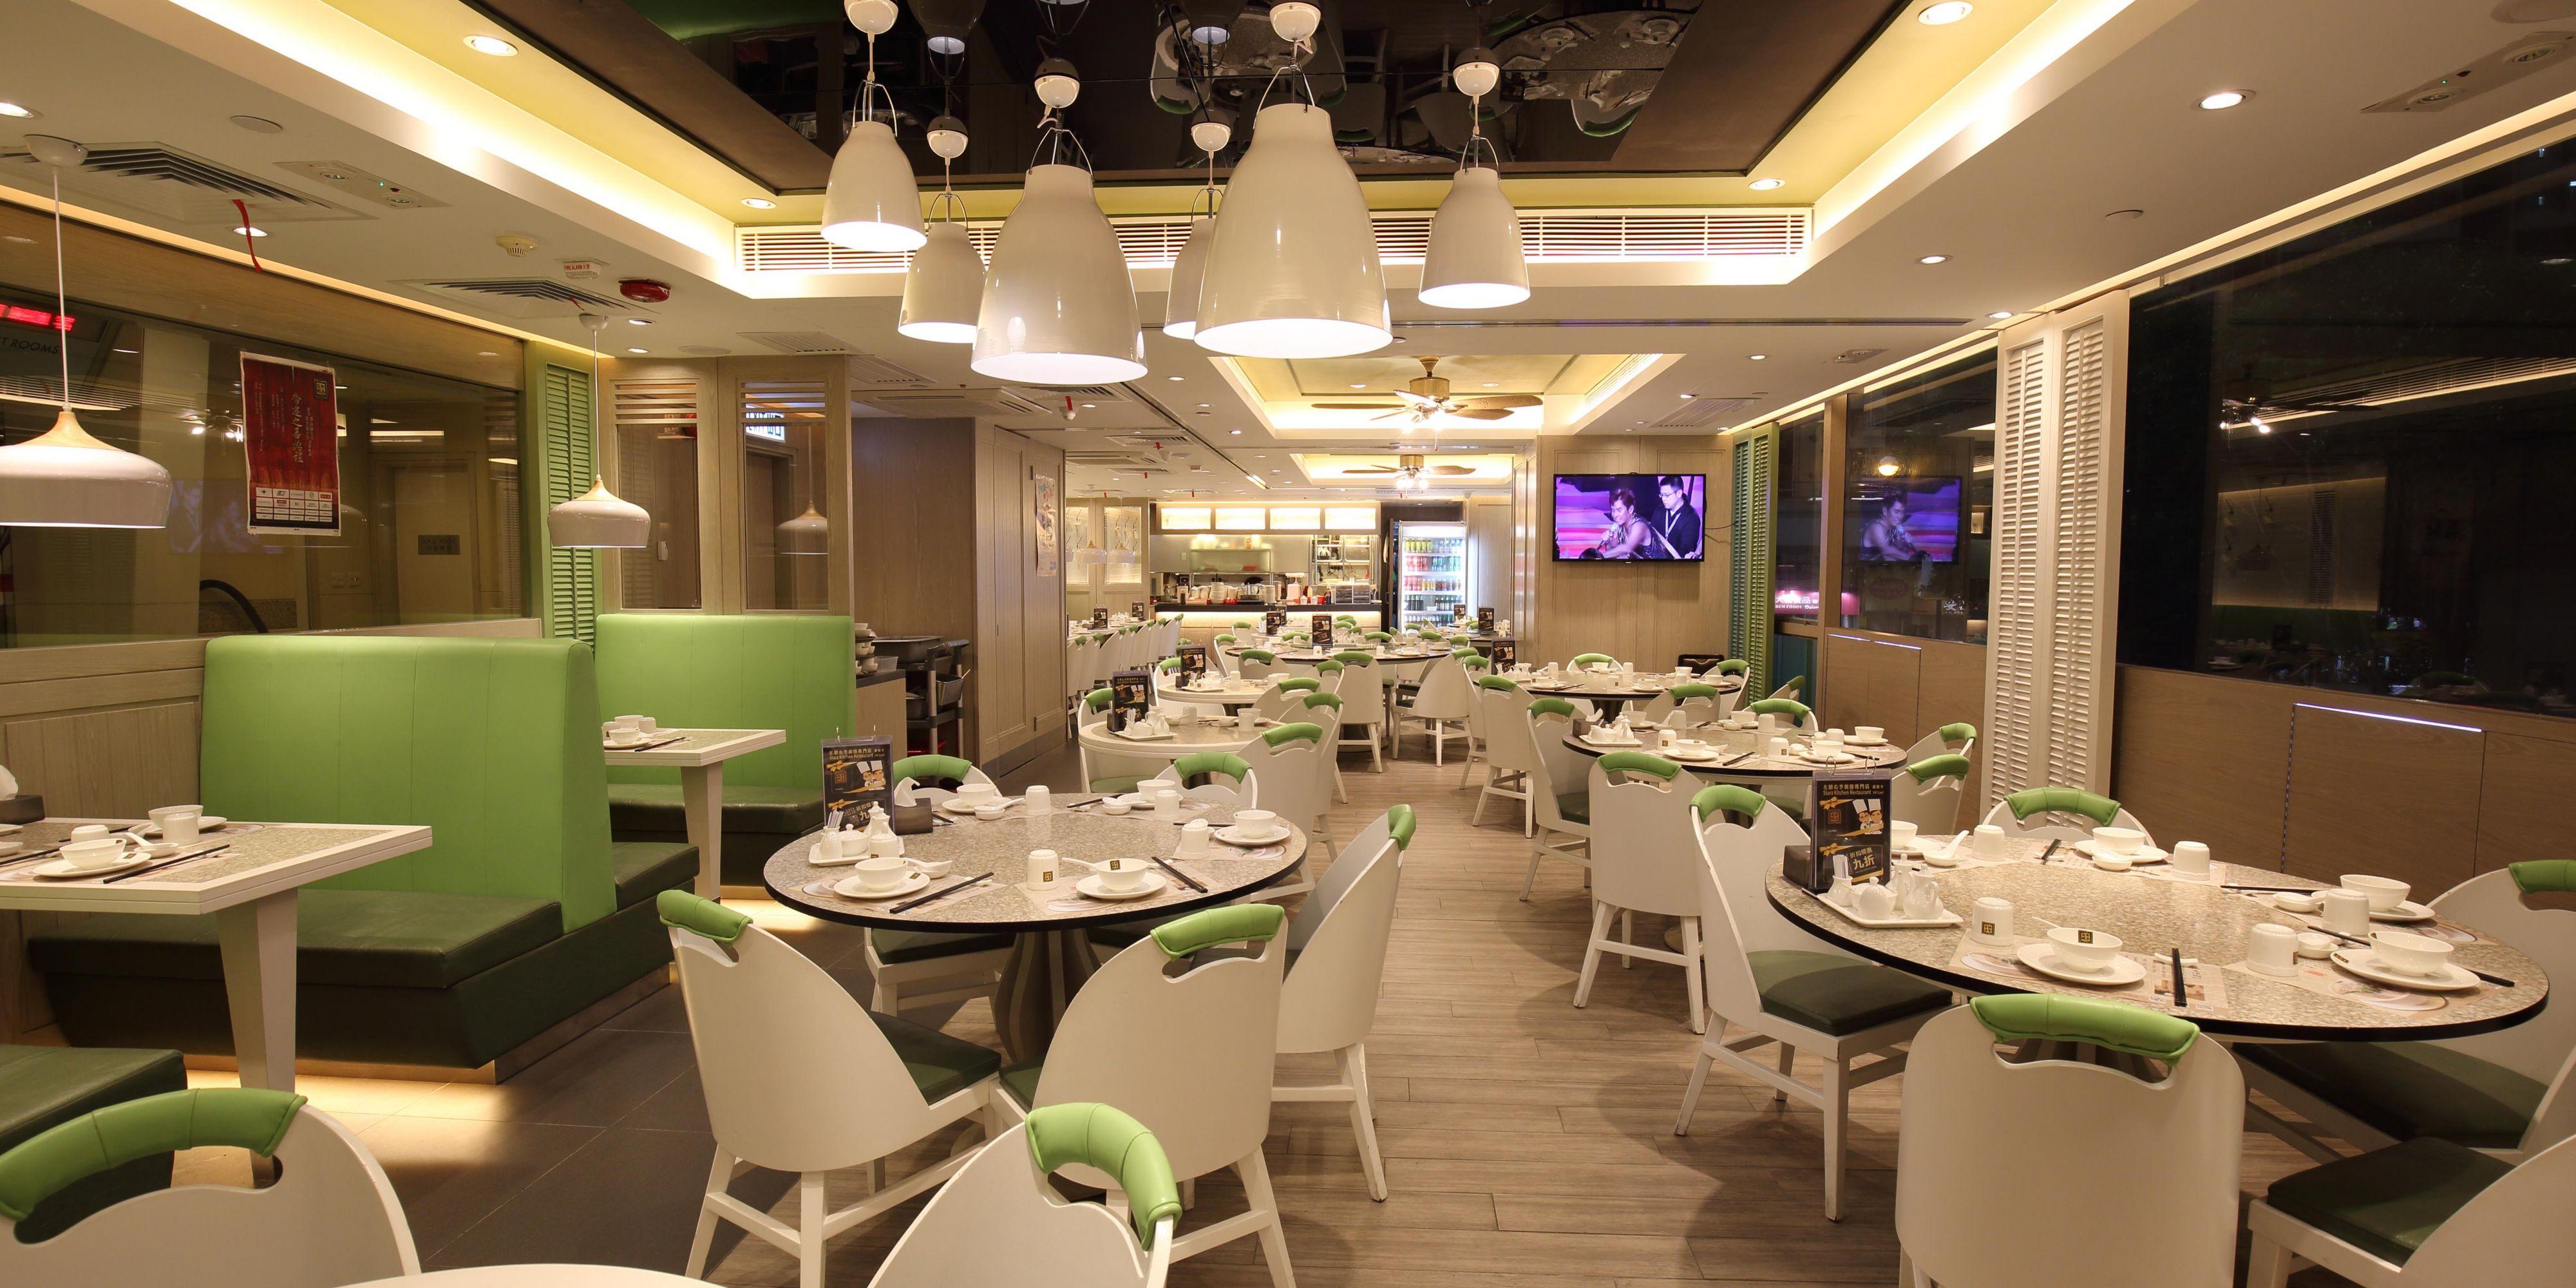 Holiday Inn Express Hong Kong 4764491286 2x1